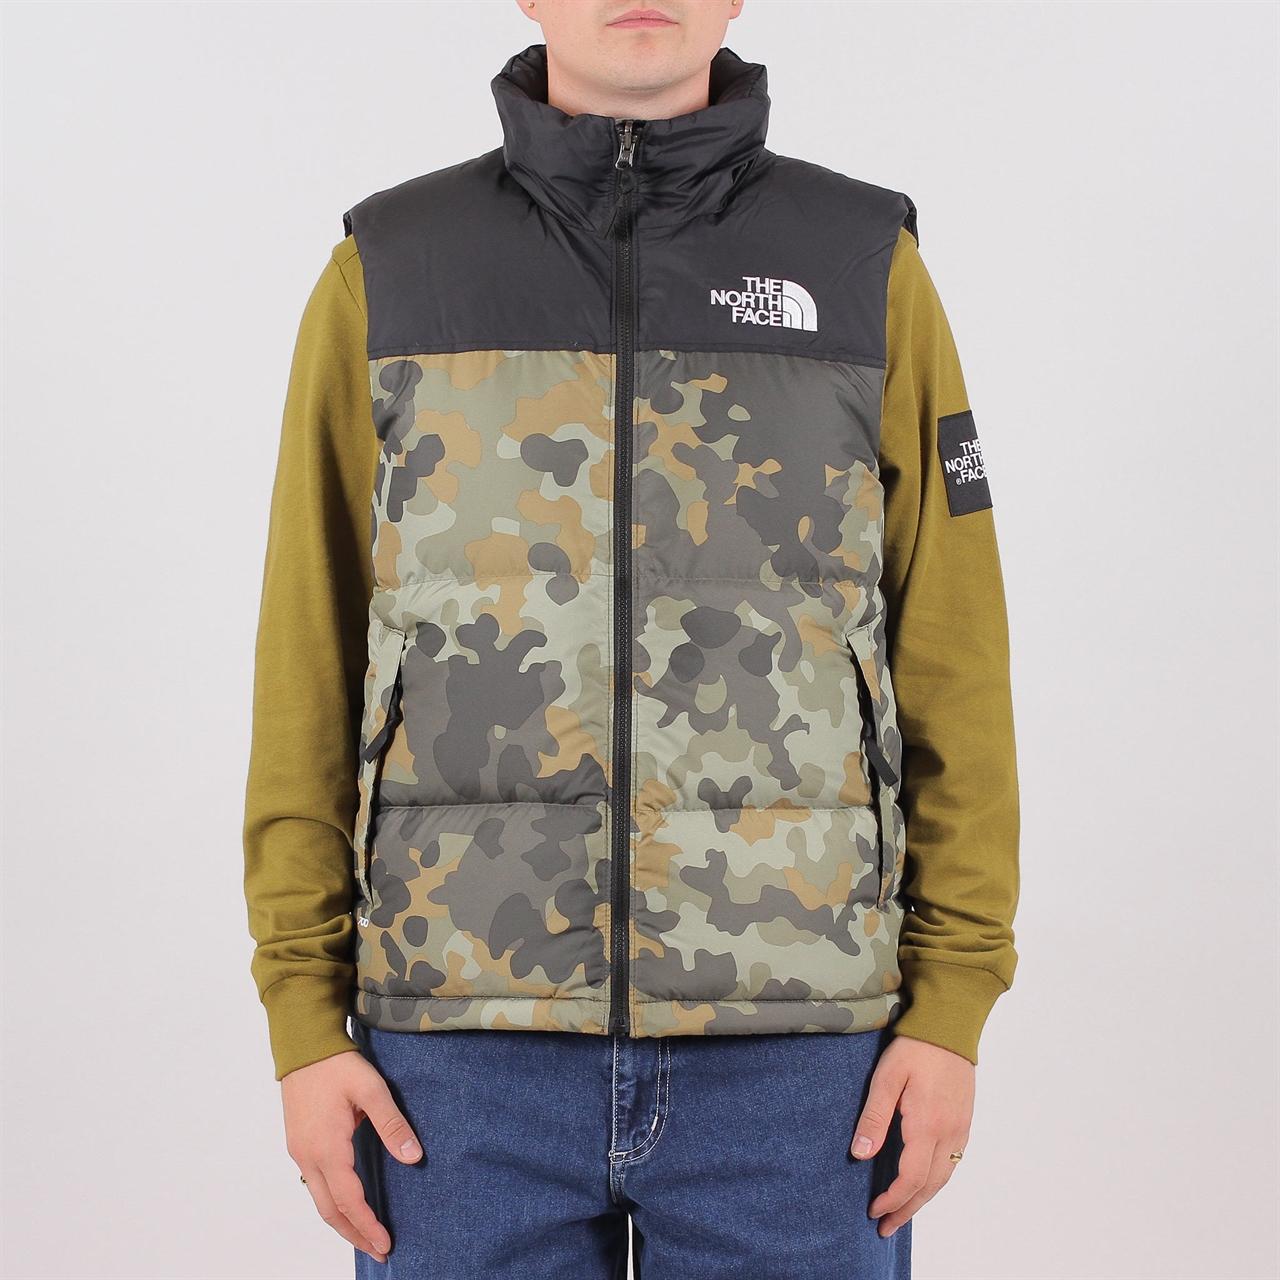 b8cc5d1aaf2e4b The North Face 1996 Retro Nuptse Vest